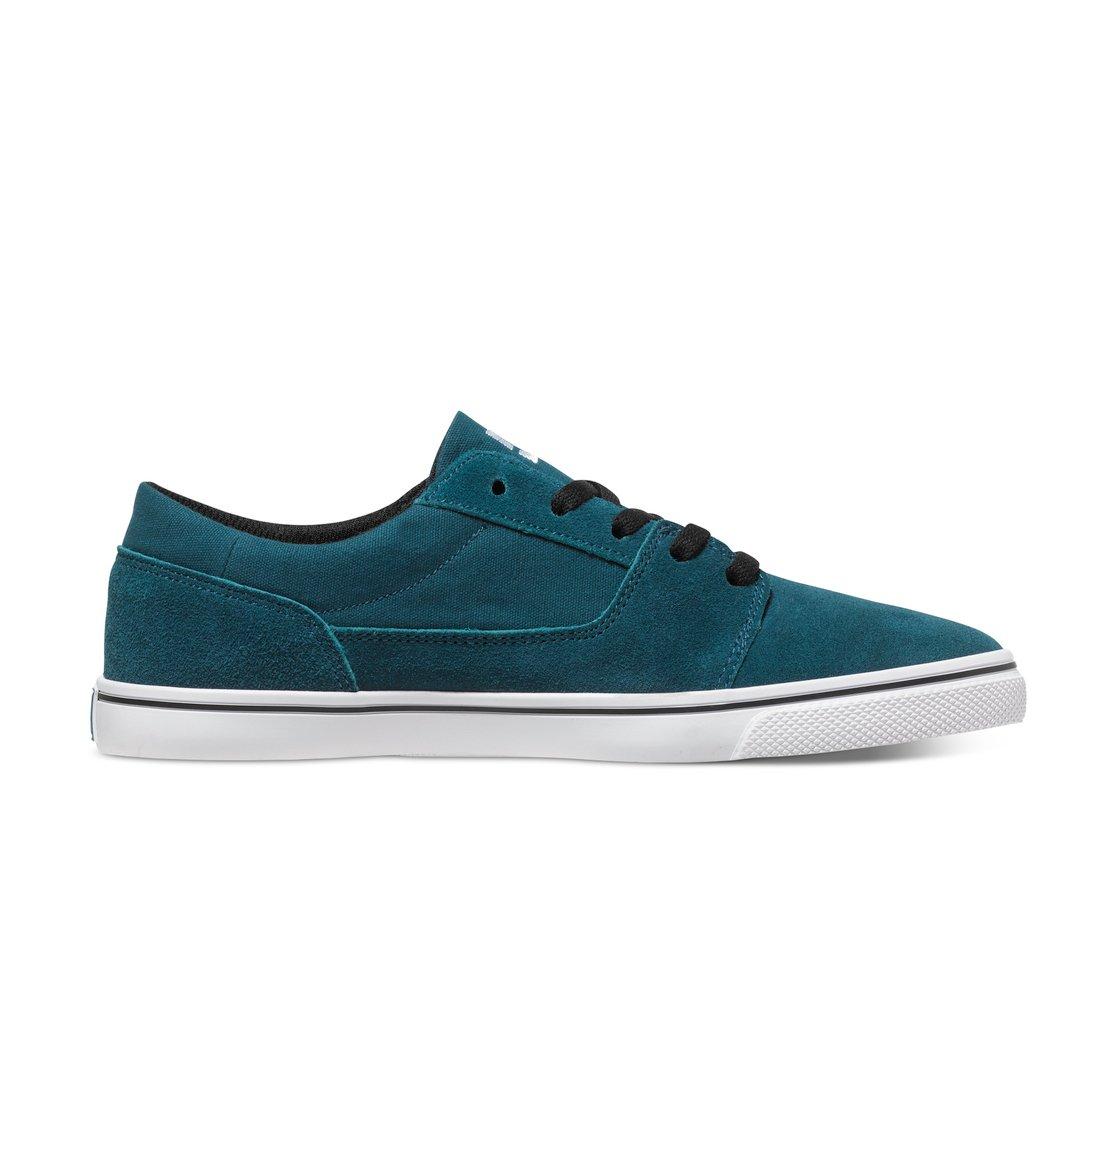 Здесь можно купить   Wo Tonik W Low Top Shoes Повседневные кеды